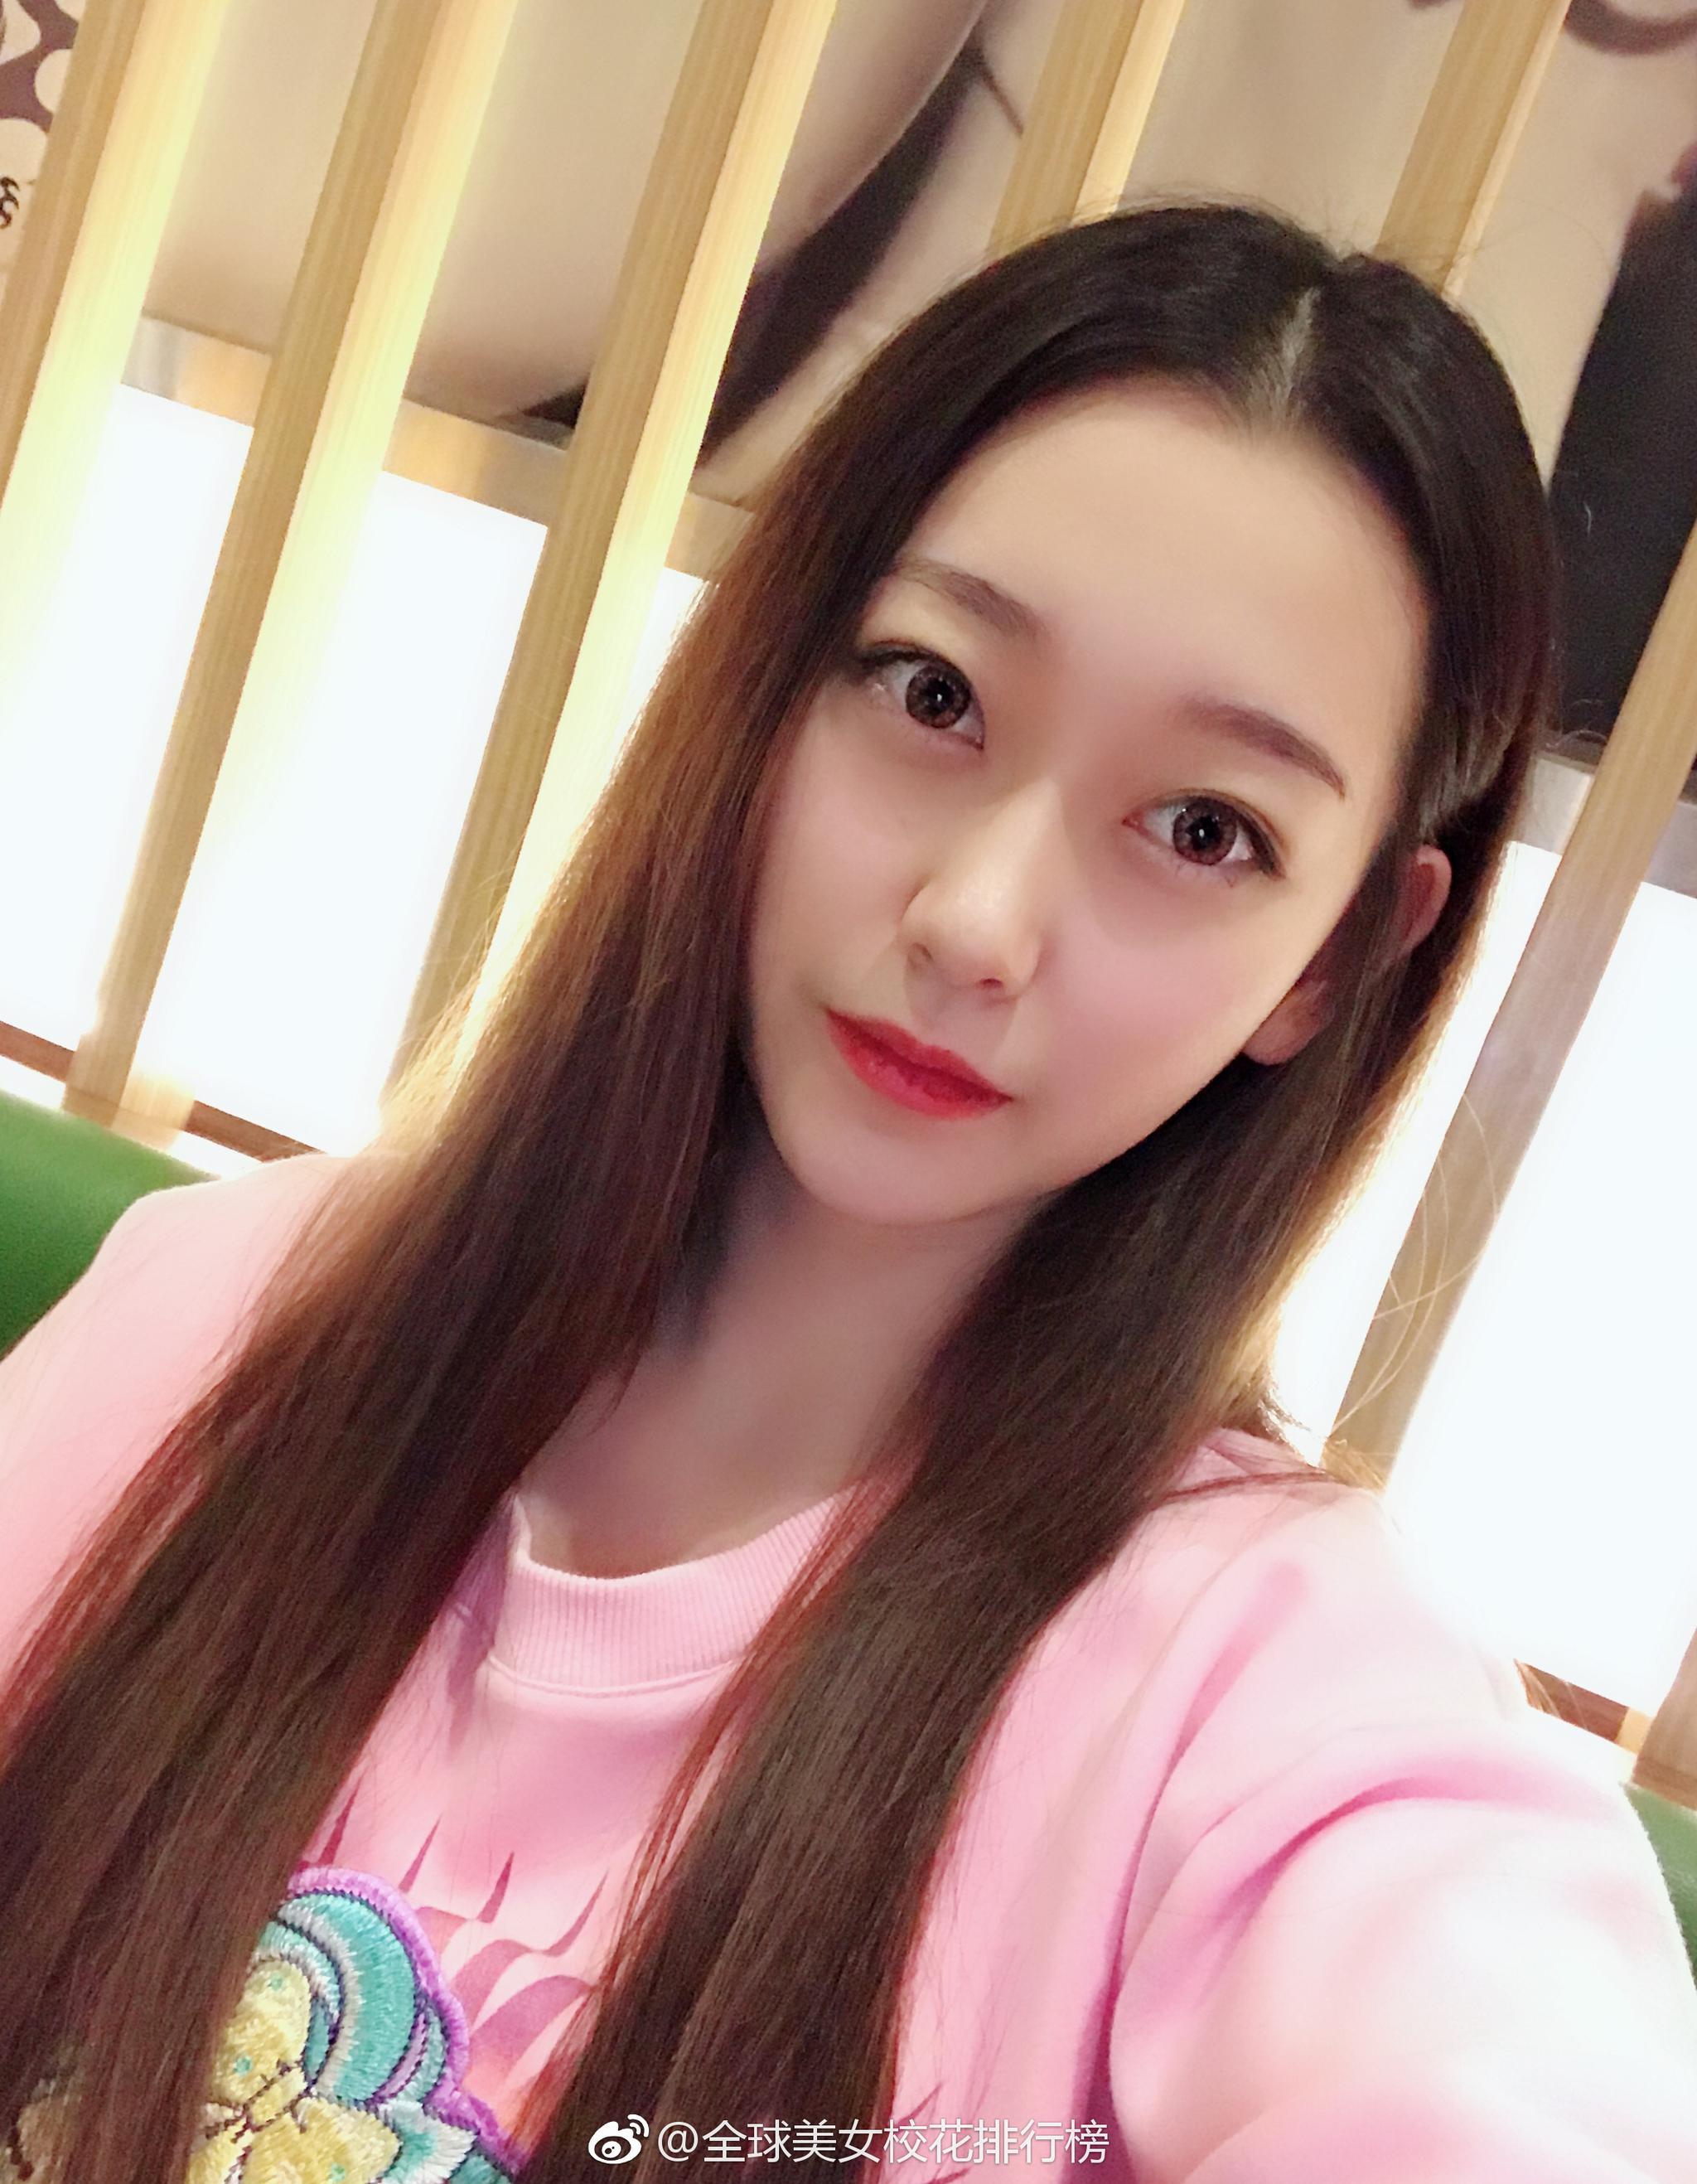 美女校花 北京城市学院 李雨佳 18岁 身高165cm 体重100斤 喜欢跳舞